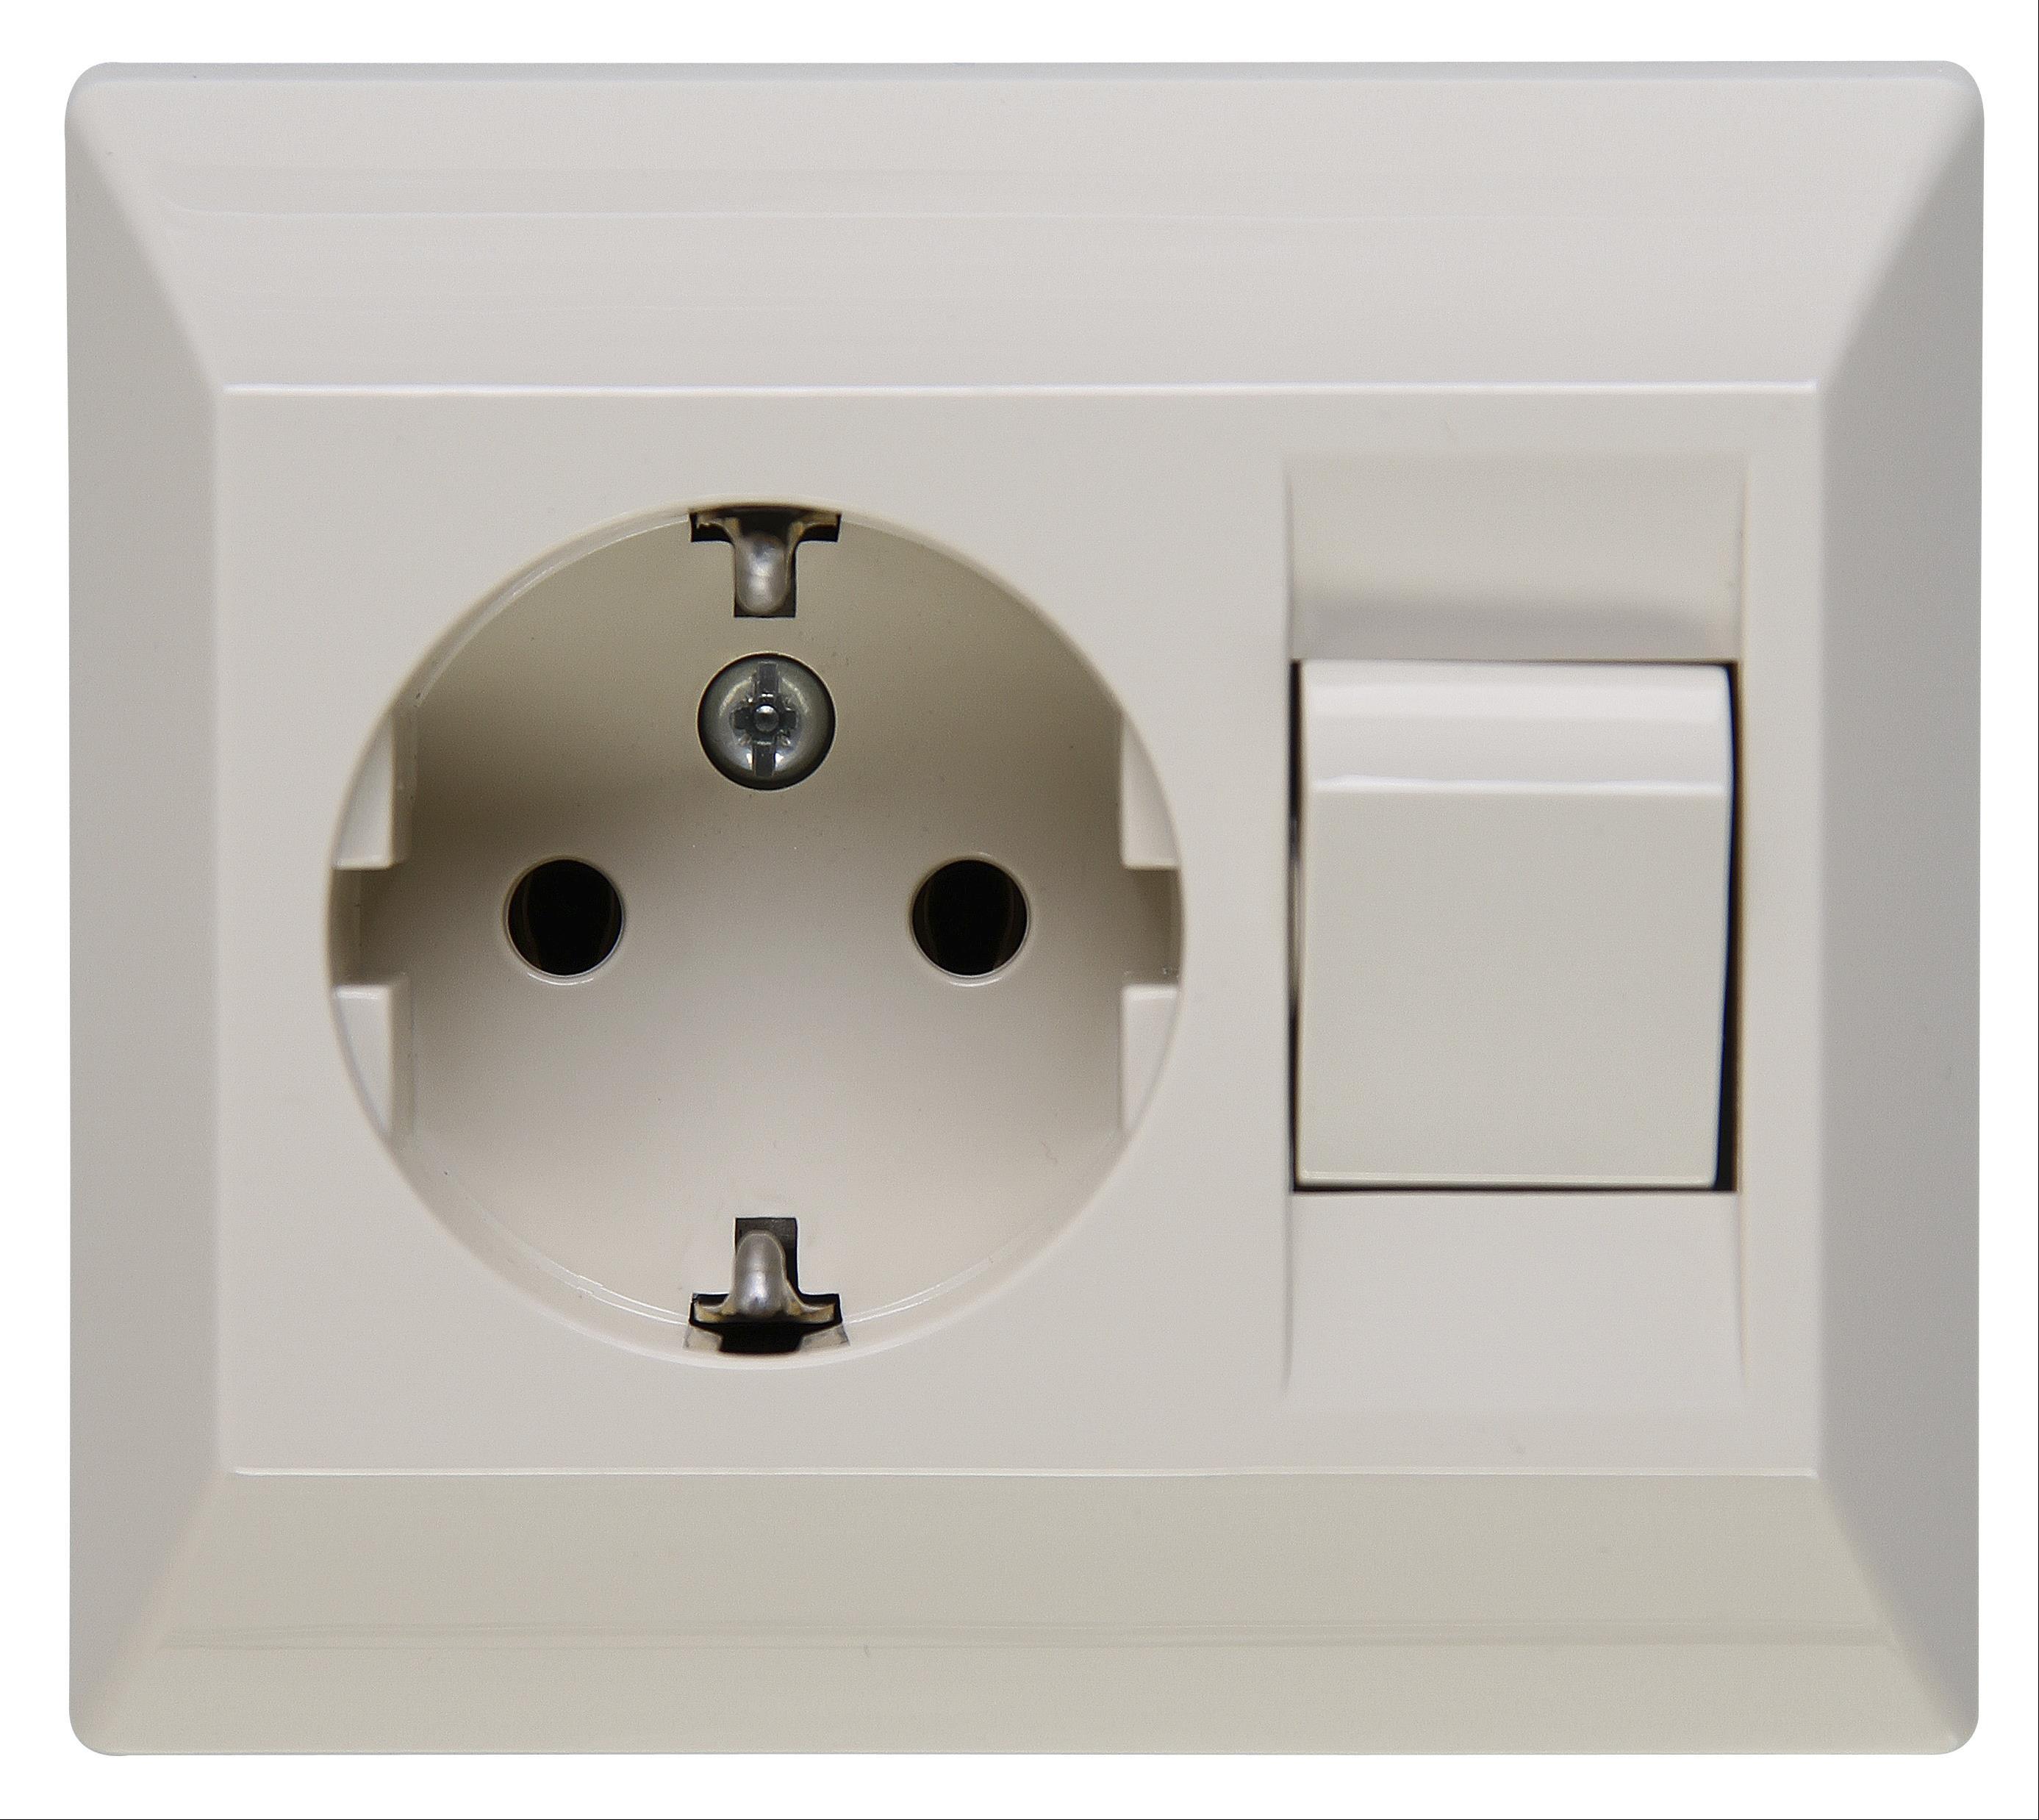 Kopp Schutzkontakt - Steckdose mit Universalschalter Bild 1